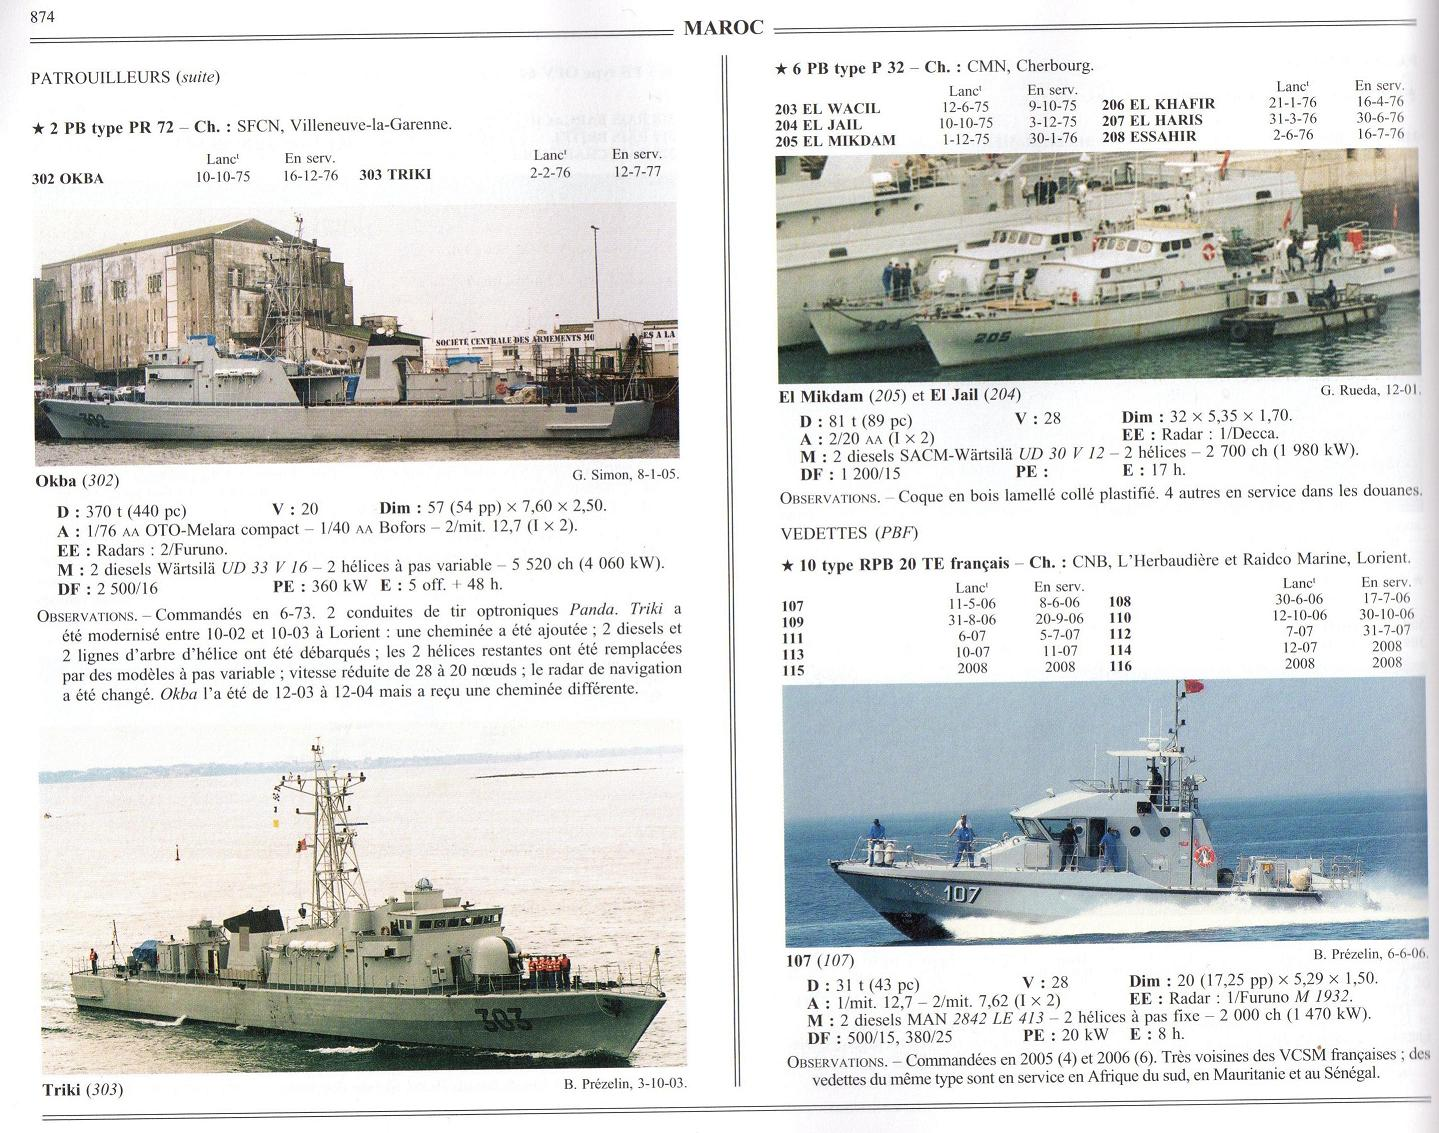 Articles à propos de la Marine Royale Marocaine 08-00410